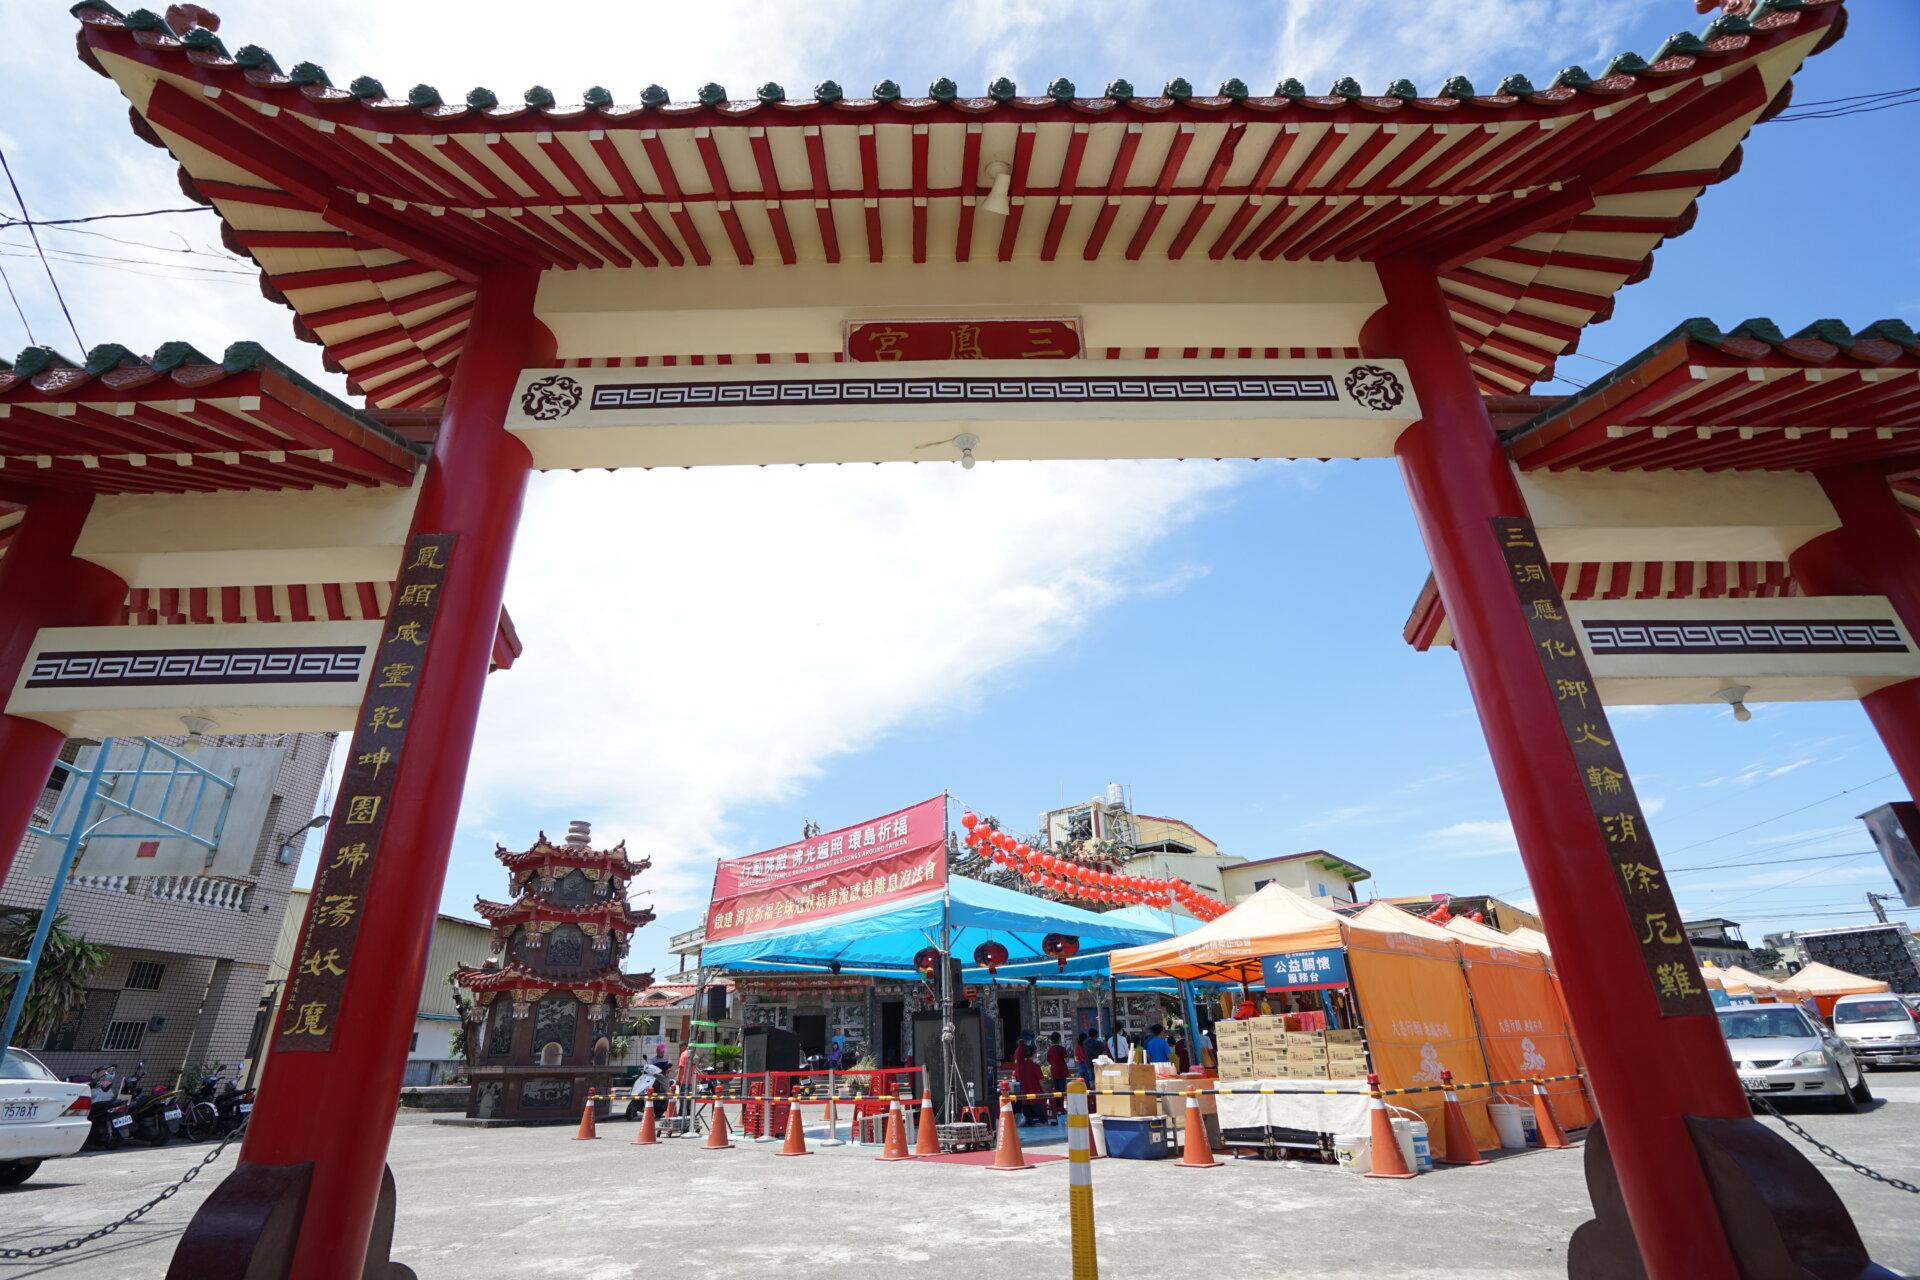 行動佛殿135站高雄大樹三鳳宮旁廣場,一連四天舉辦誦經祈福法會